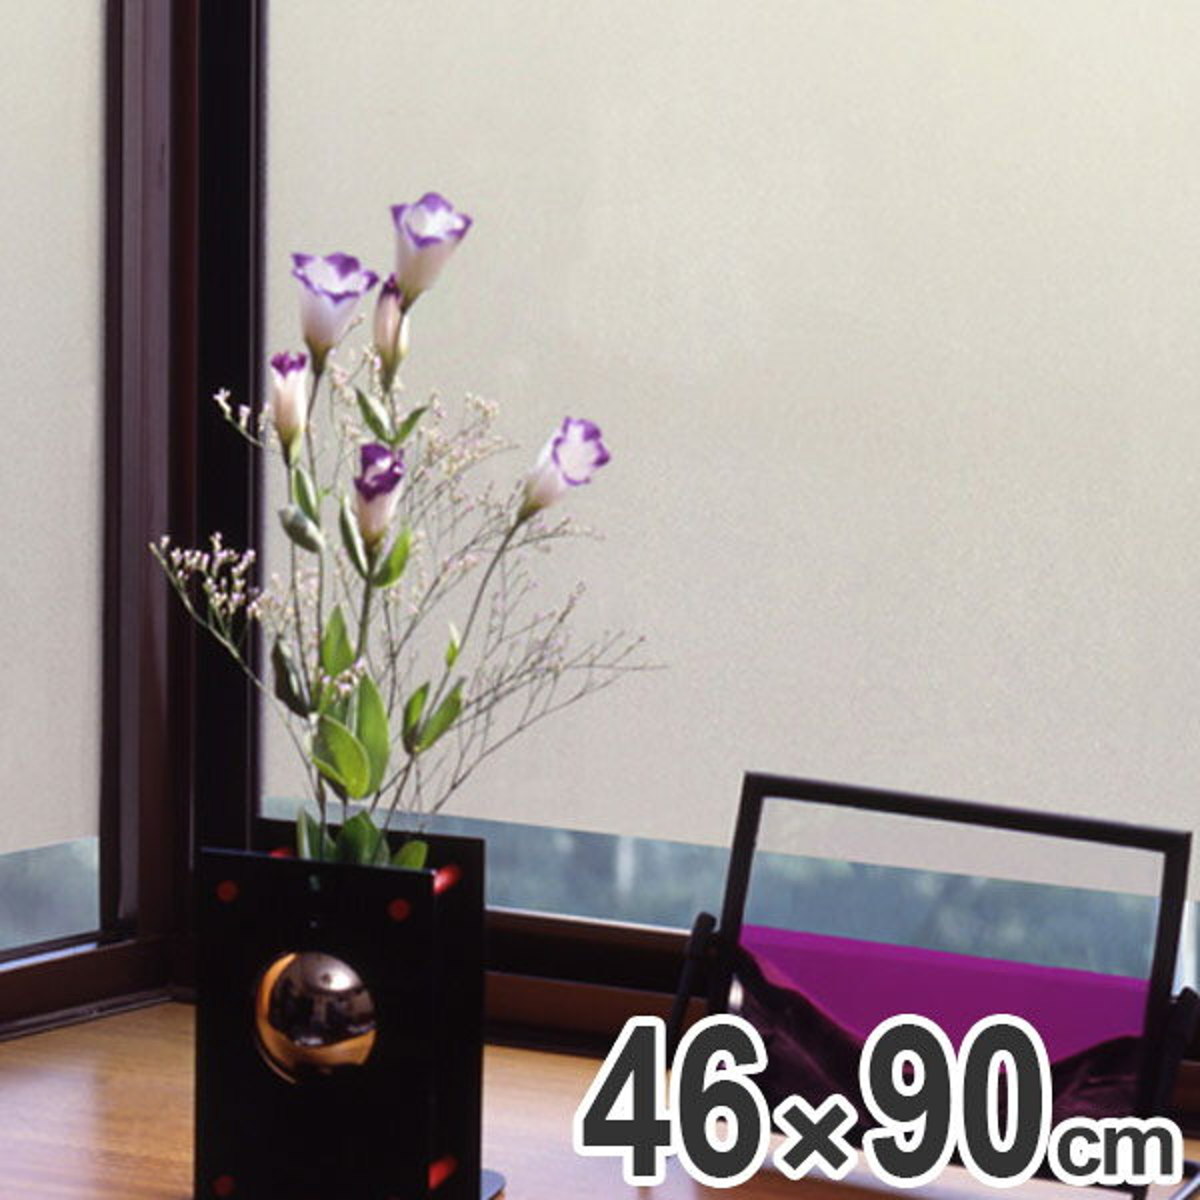 目隠し遮熱窓貼りシート GP-4682 46cm×90cm ( 遮熱シート 遮熱フィルム 遮光 窓 マド エコ 節電 )